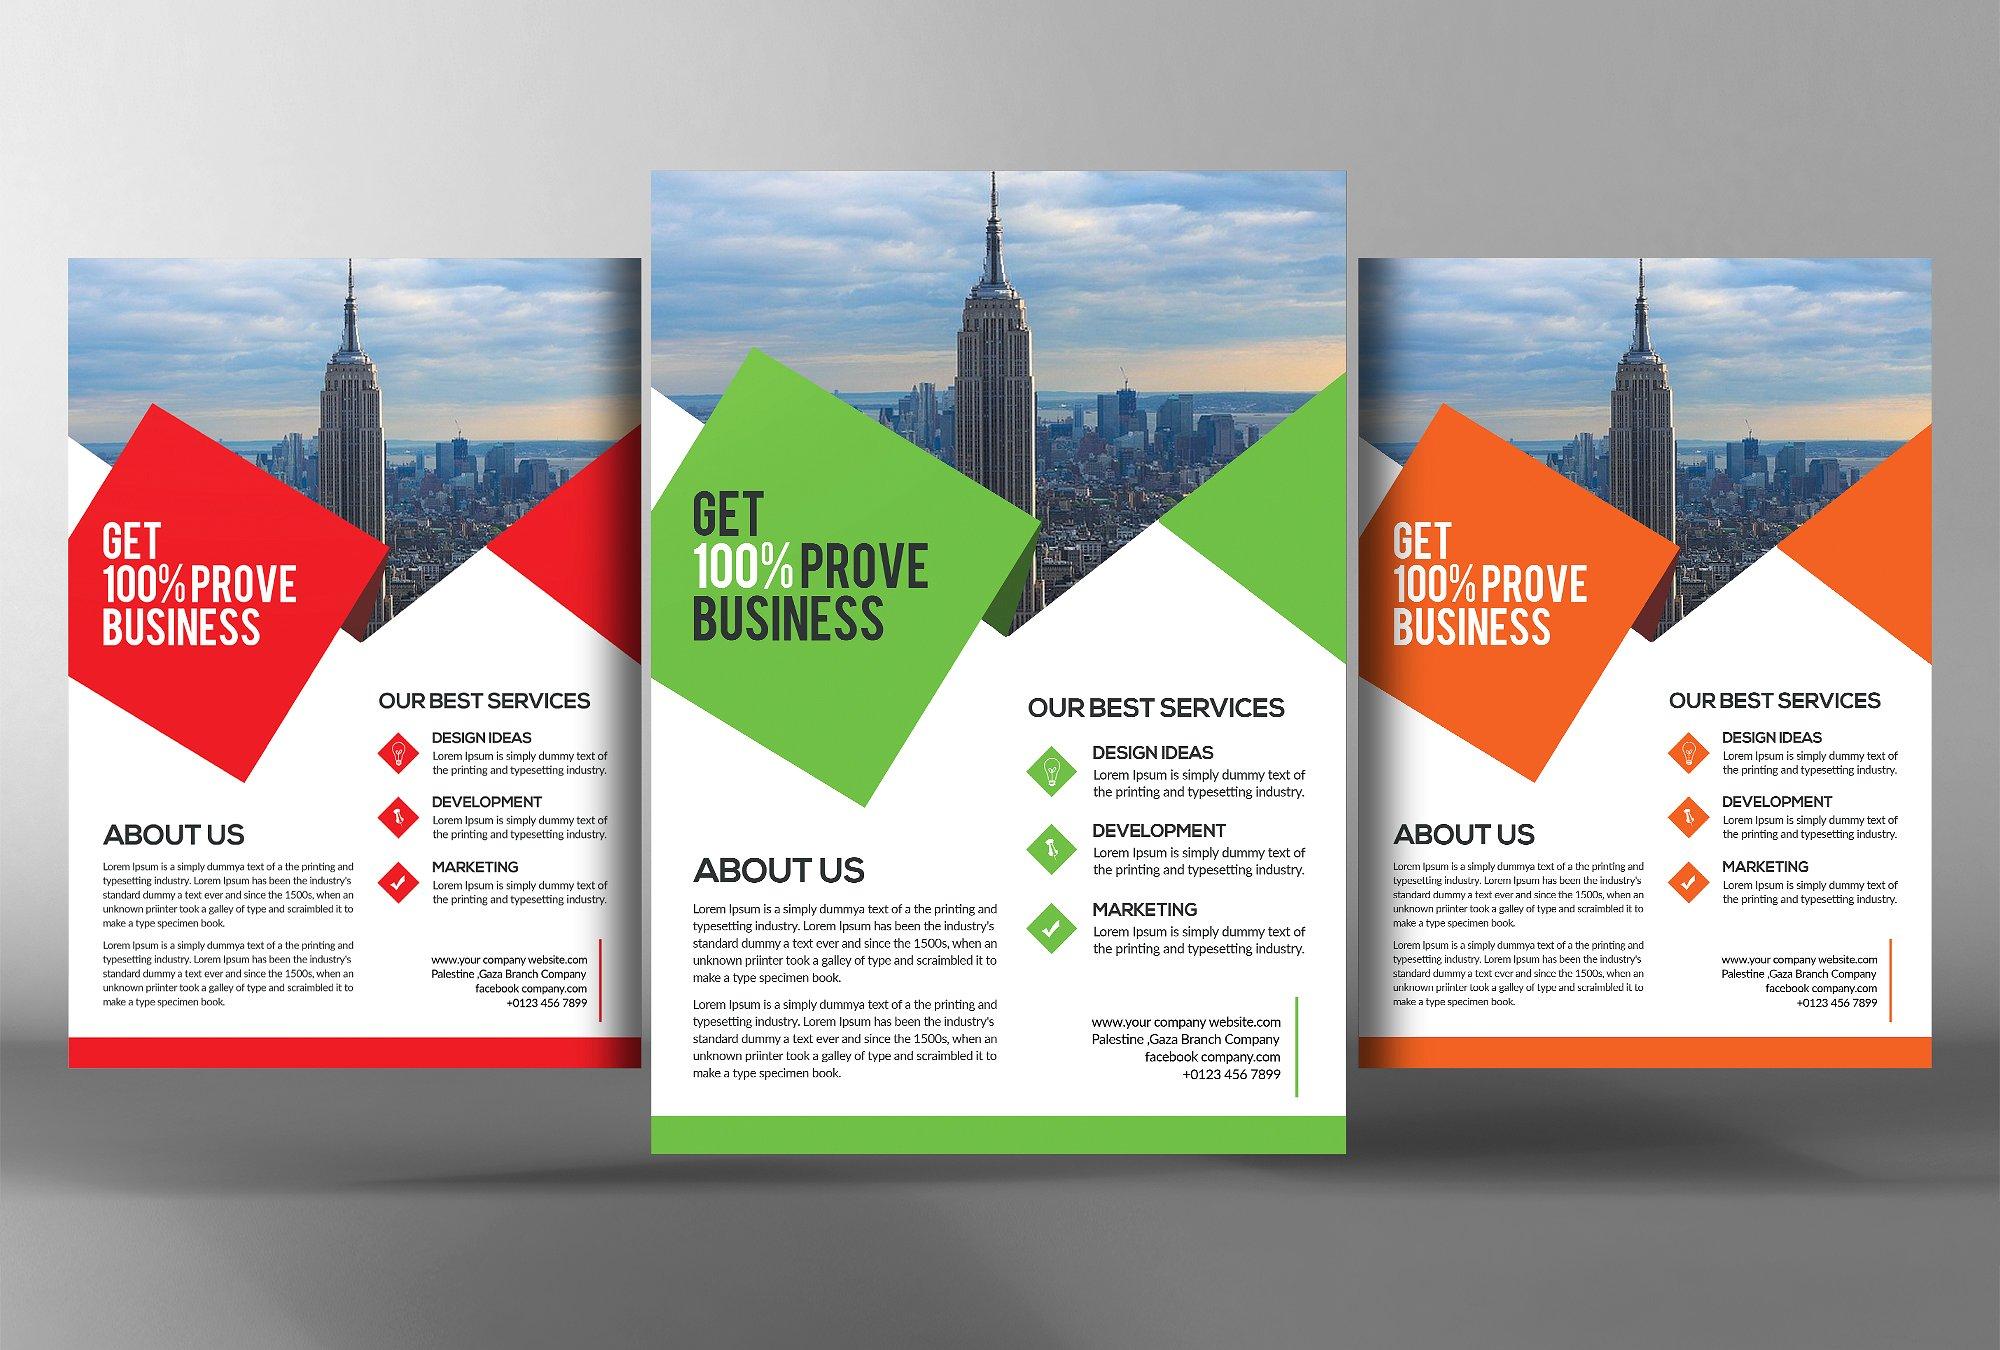 10张商业传单模板DM宣传单PSD设计素材模板